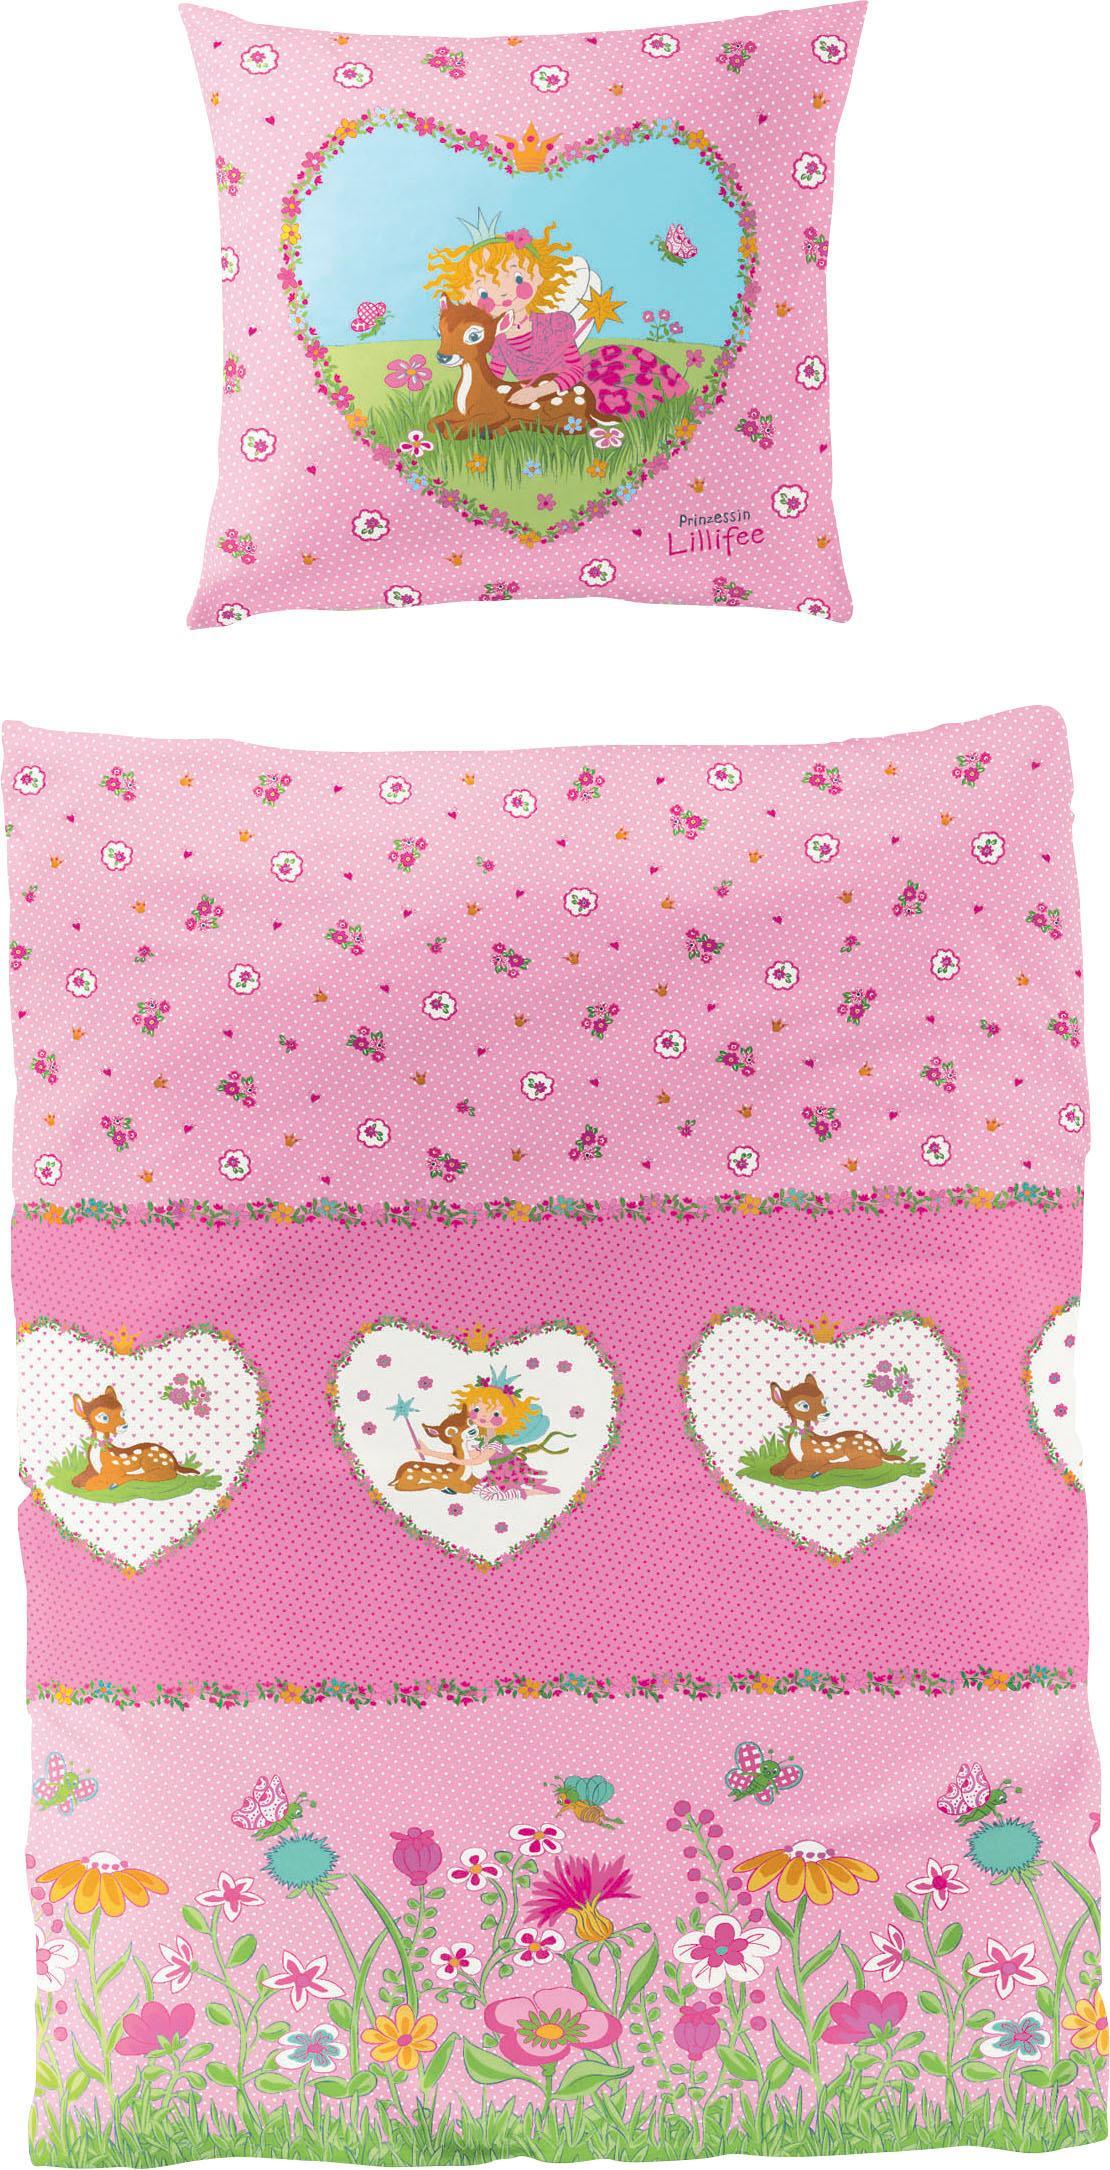 Kinderbettwäsche Reh Prinzessin Lillifee